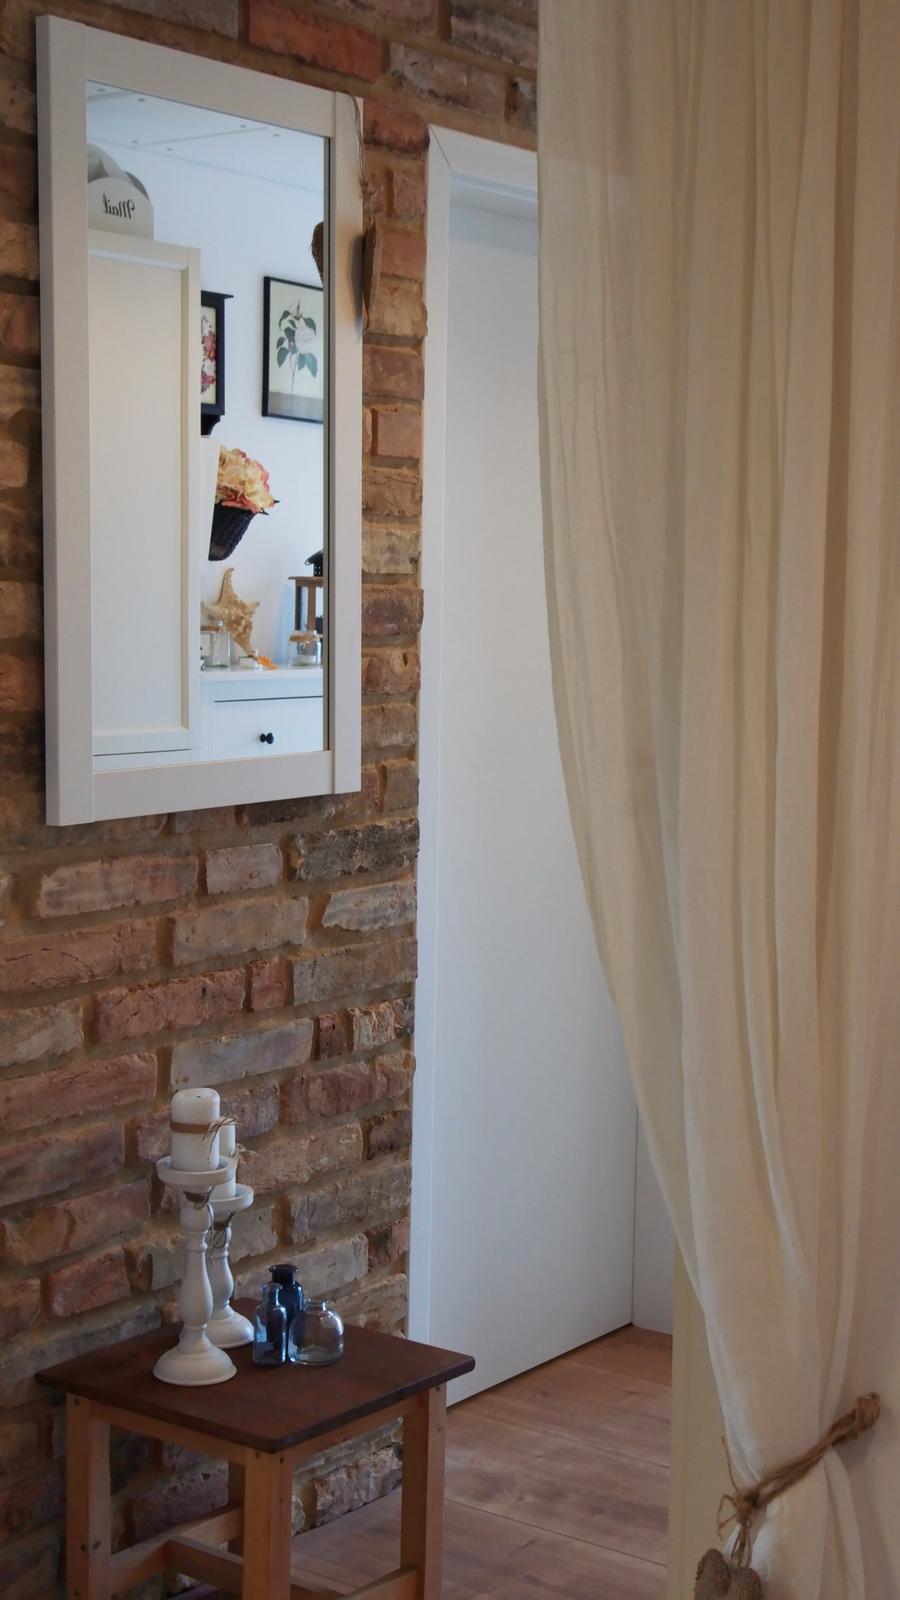 Náš domček ♡ Bramasole ♡ ... Stilo interiér aj exteriér 3. rok bývania - Obrázok č. 48